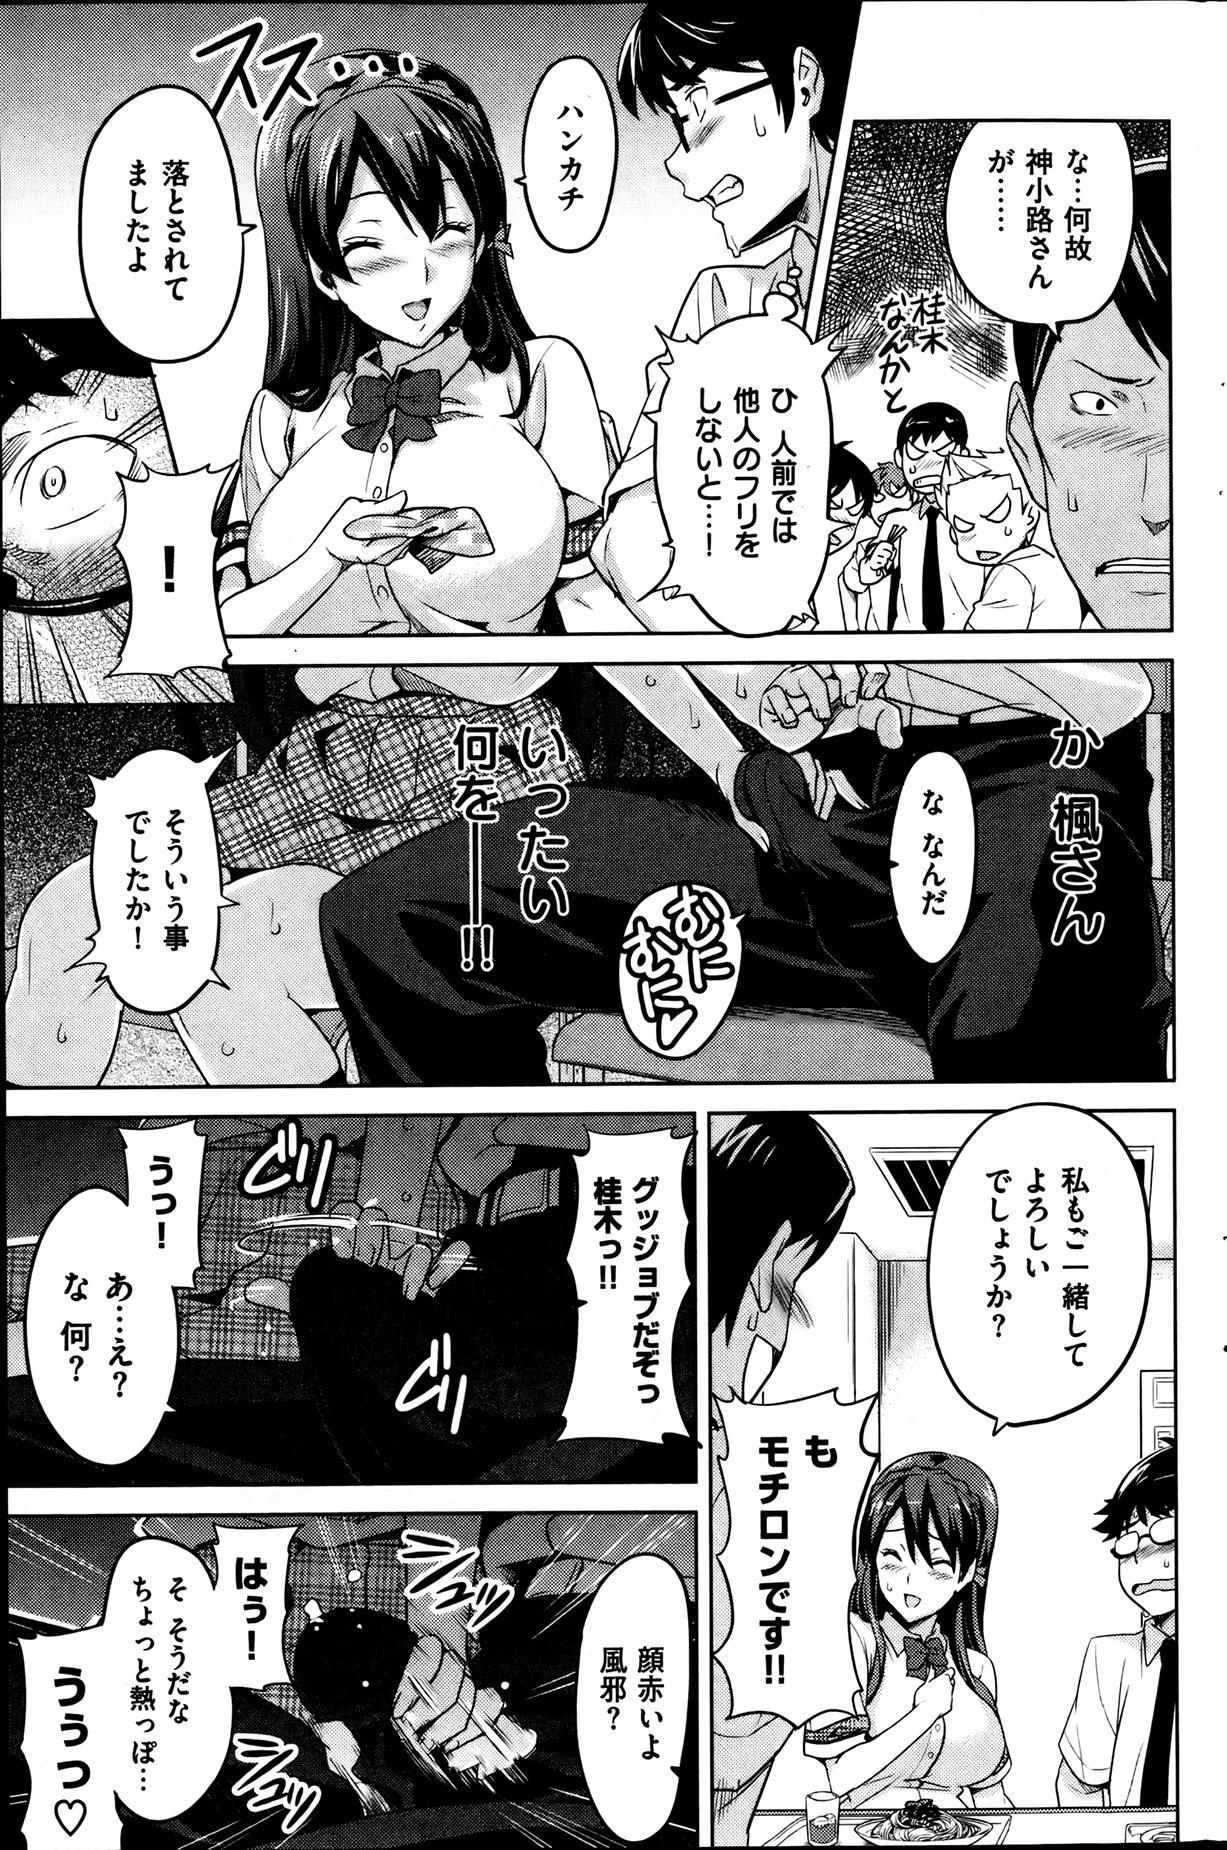 COMIC HANA-MAN 2013-08 Takeda Hiromitsu Tokushuu 174